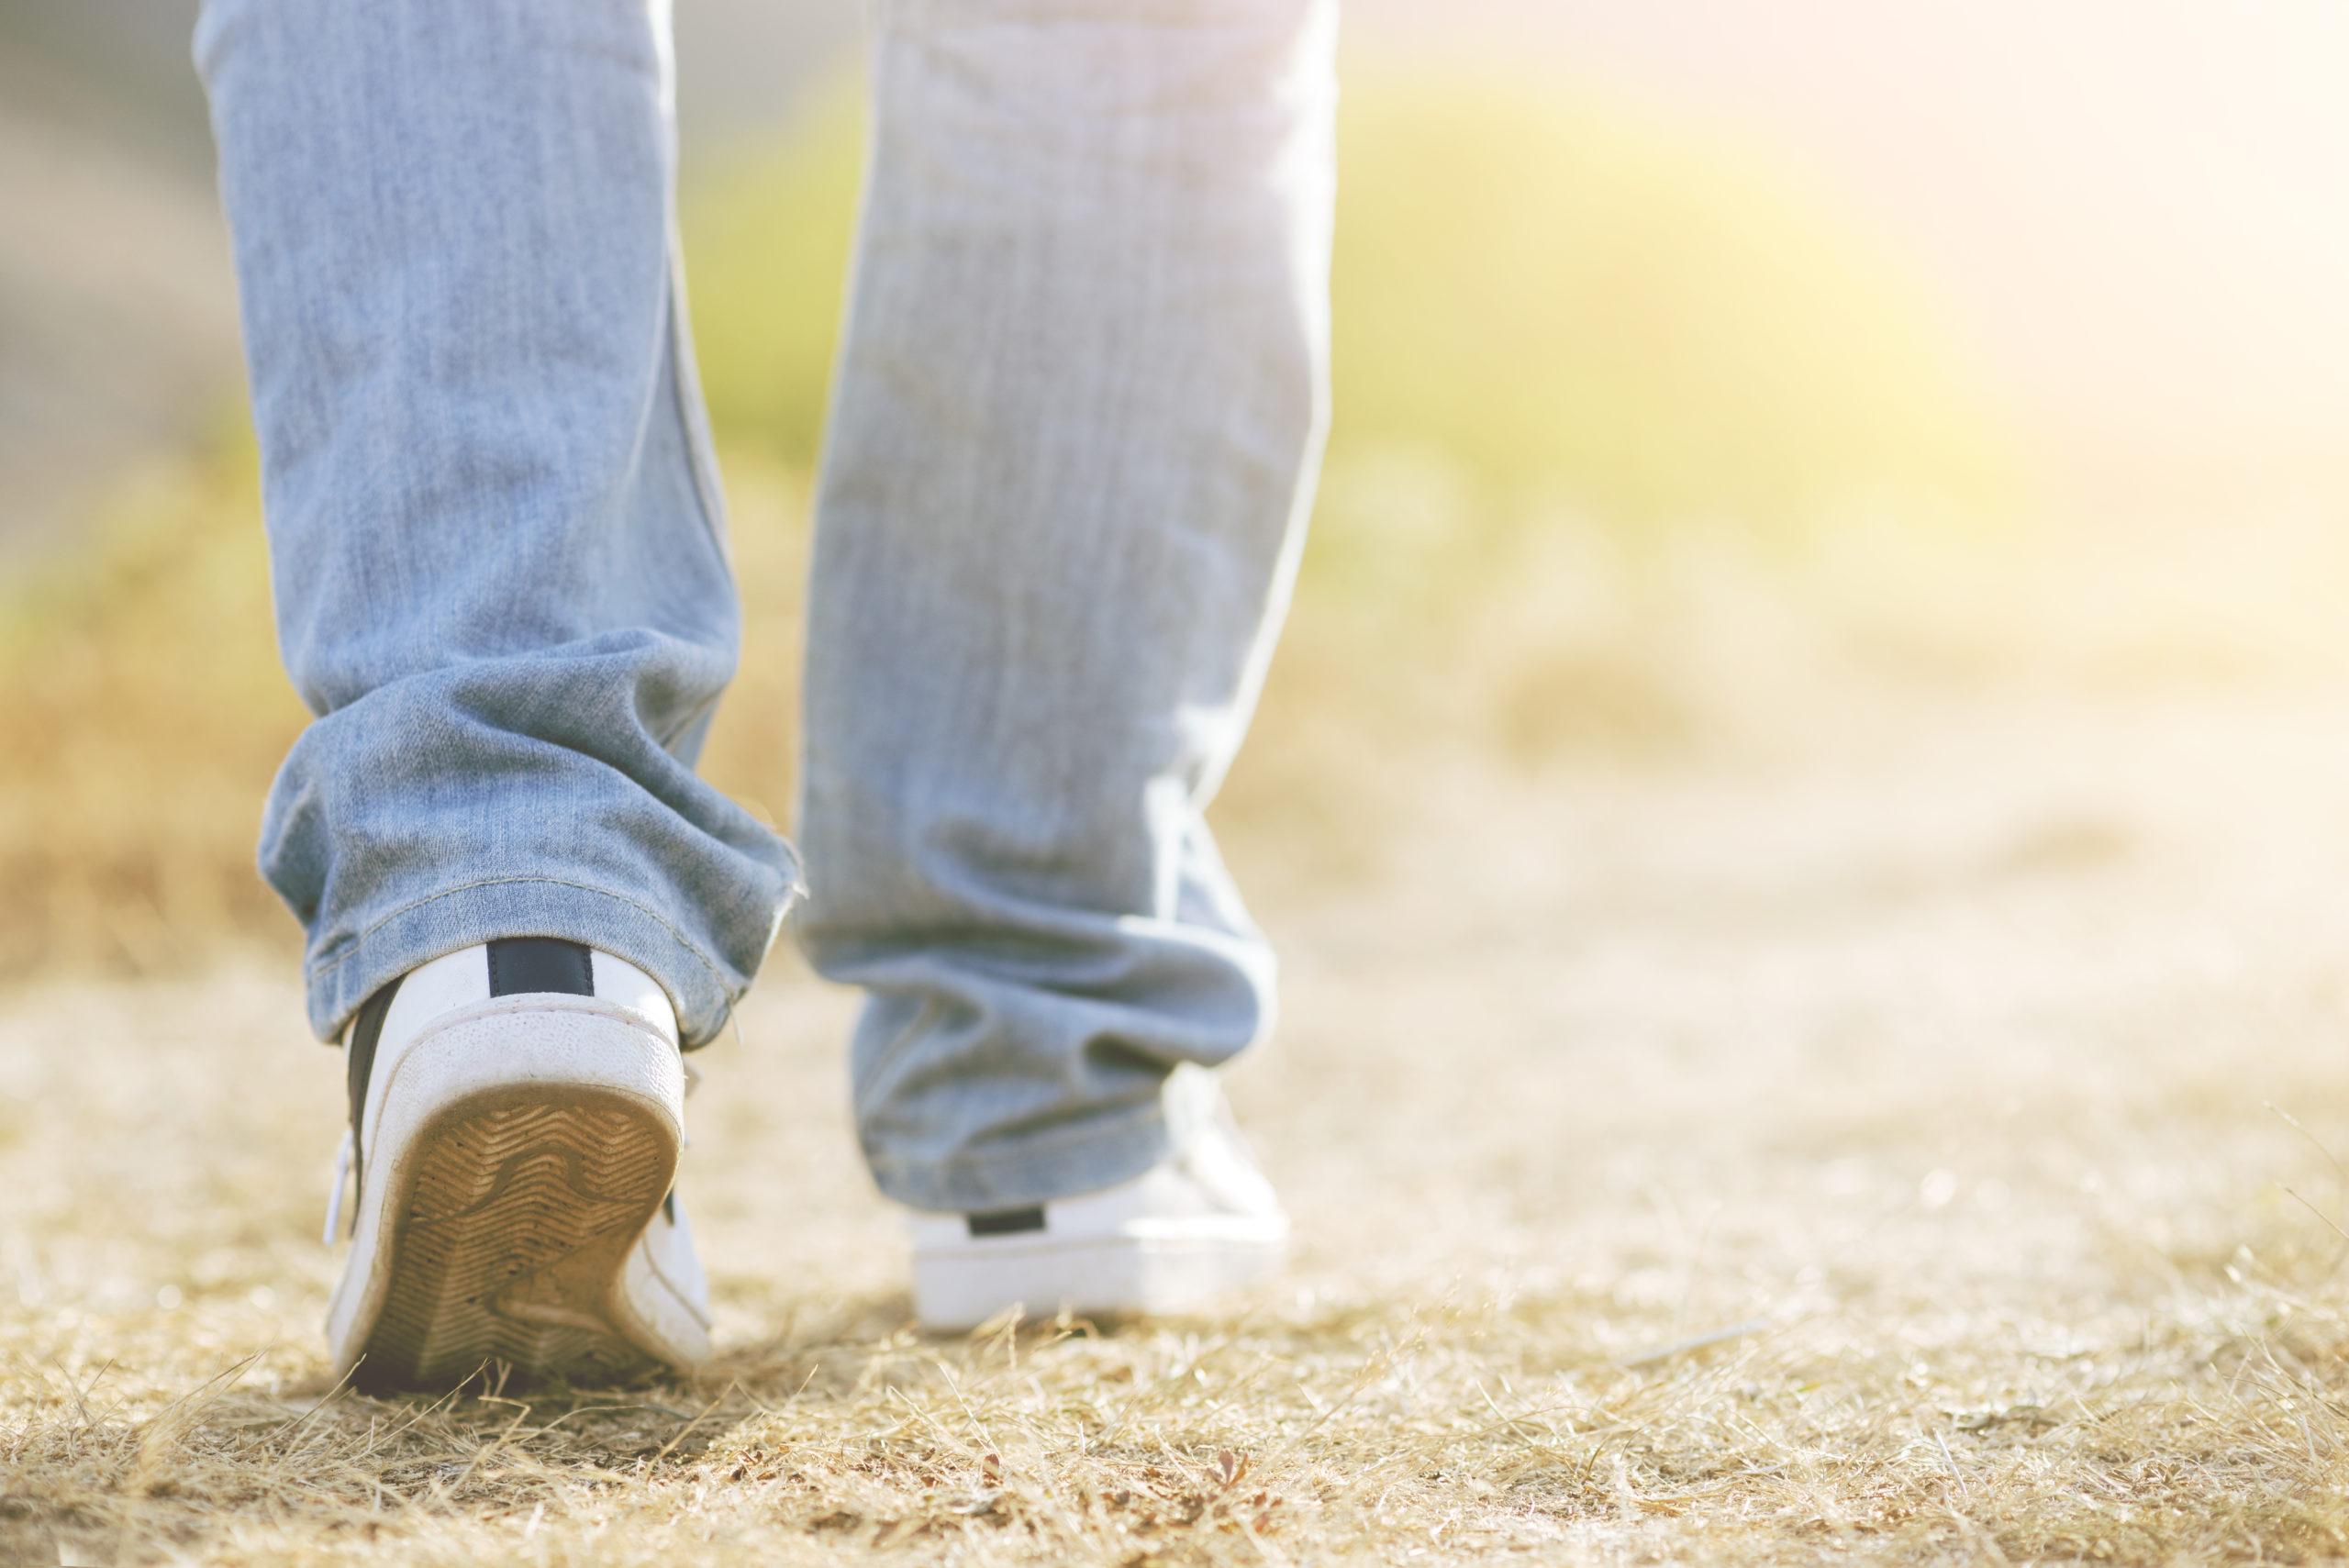 walking feet wearing sneakers